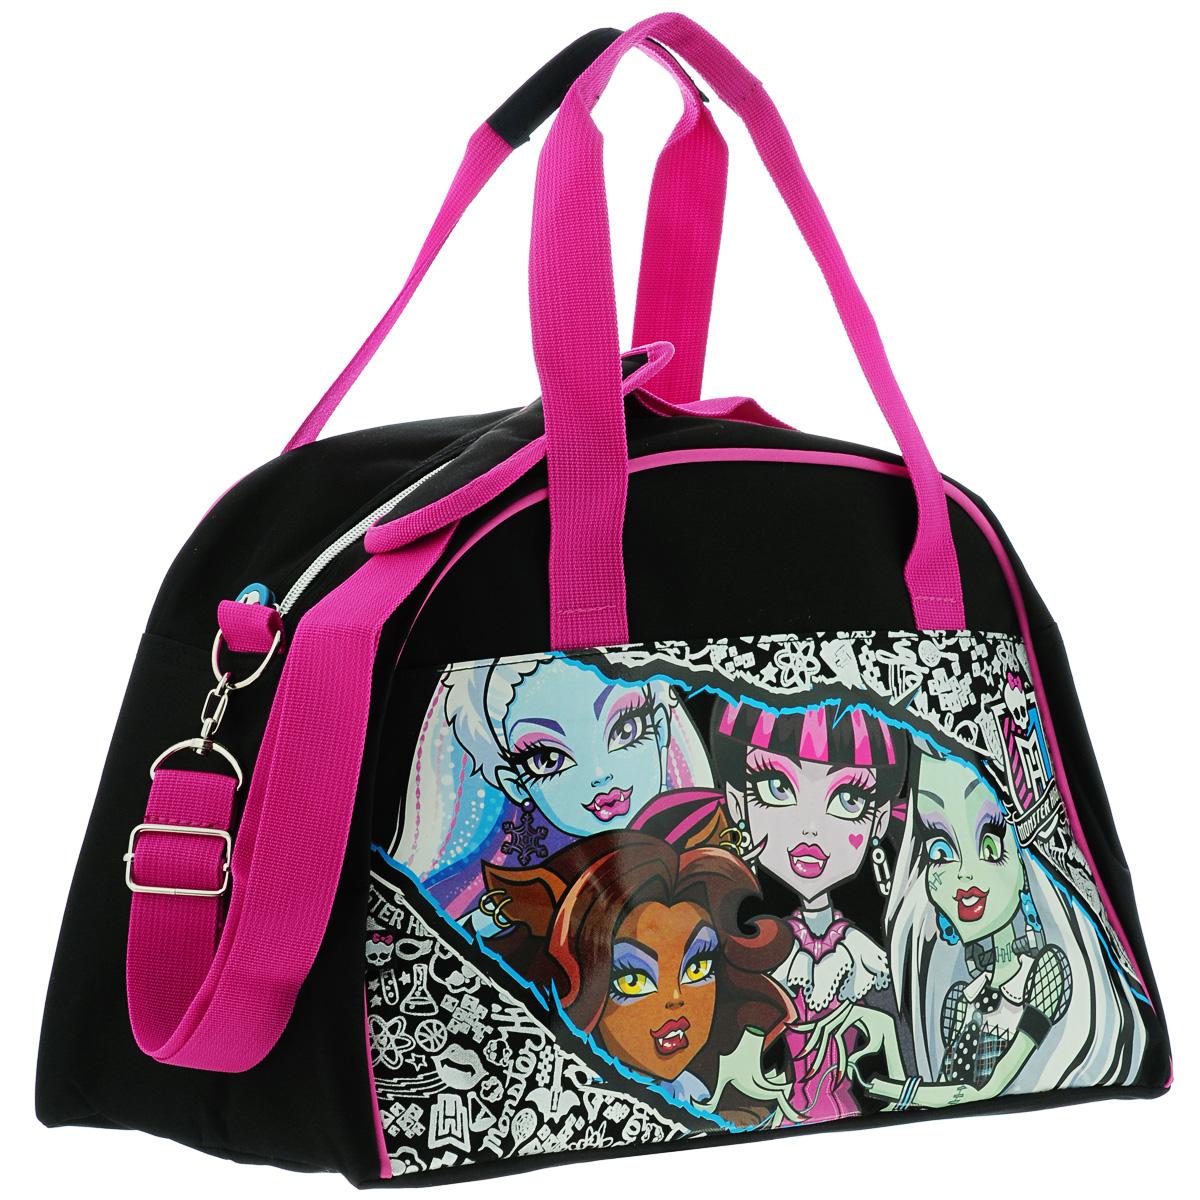 Купить Monster High Сумка спортивная детская цвет черный розовый, Ранцы и рюкзаки